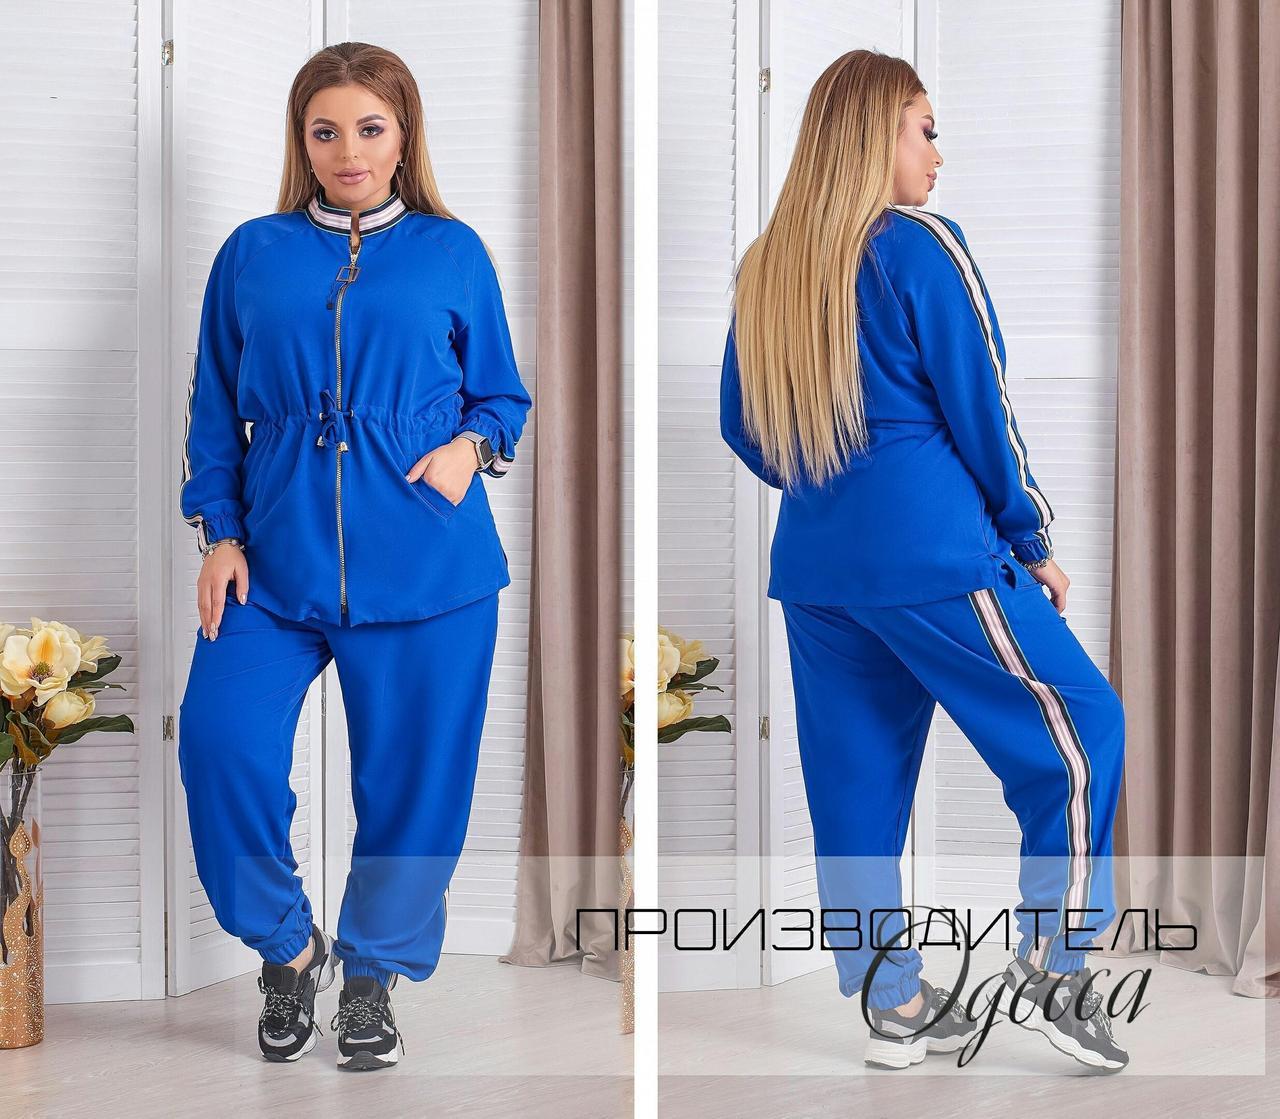 Комфортный спортивный костюм женский удлиненная кофта + брюки. р.50-52,54-56,58-60, 2 цвета 216Э